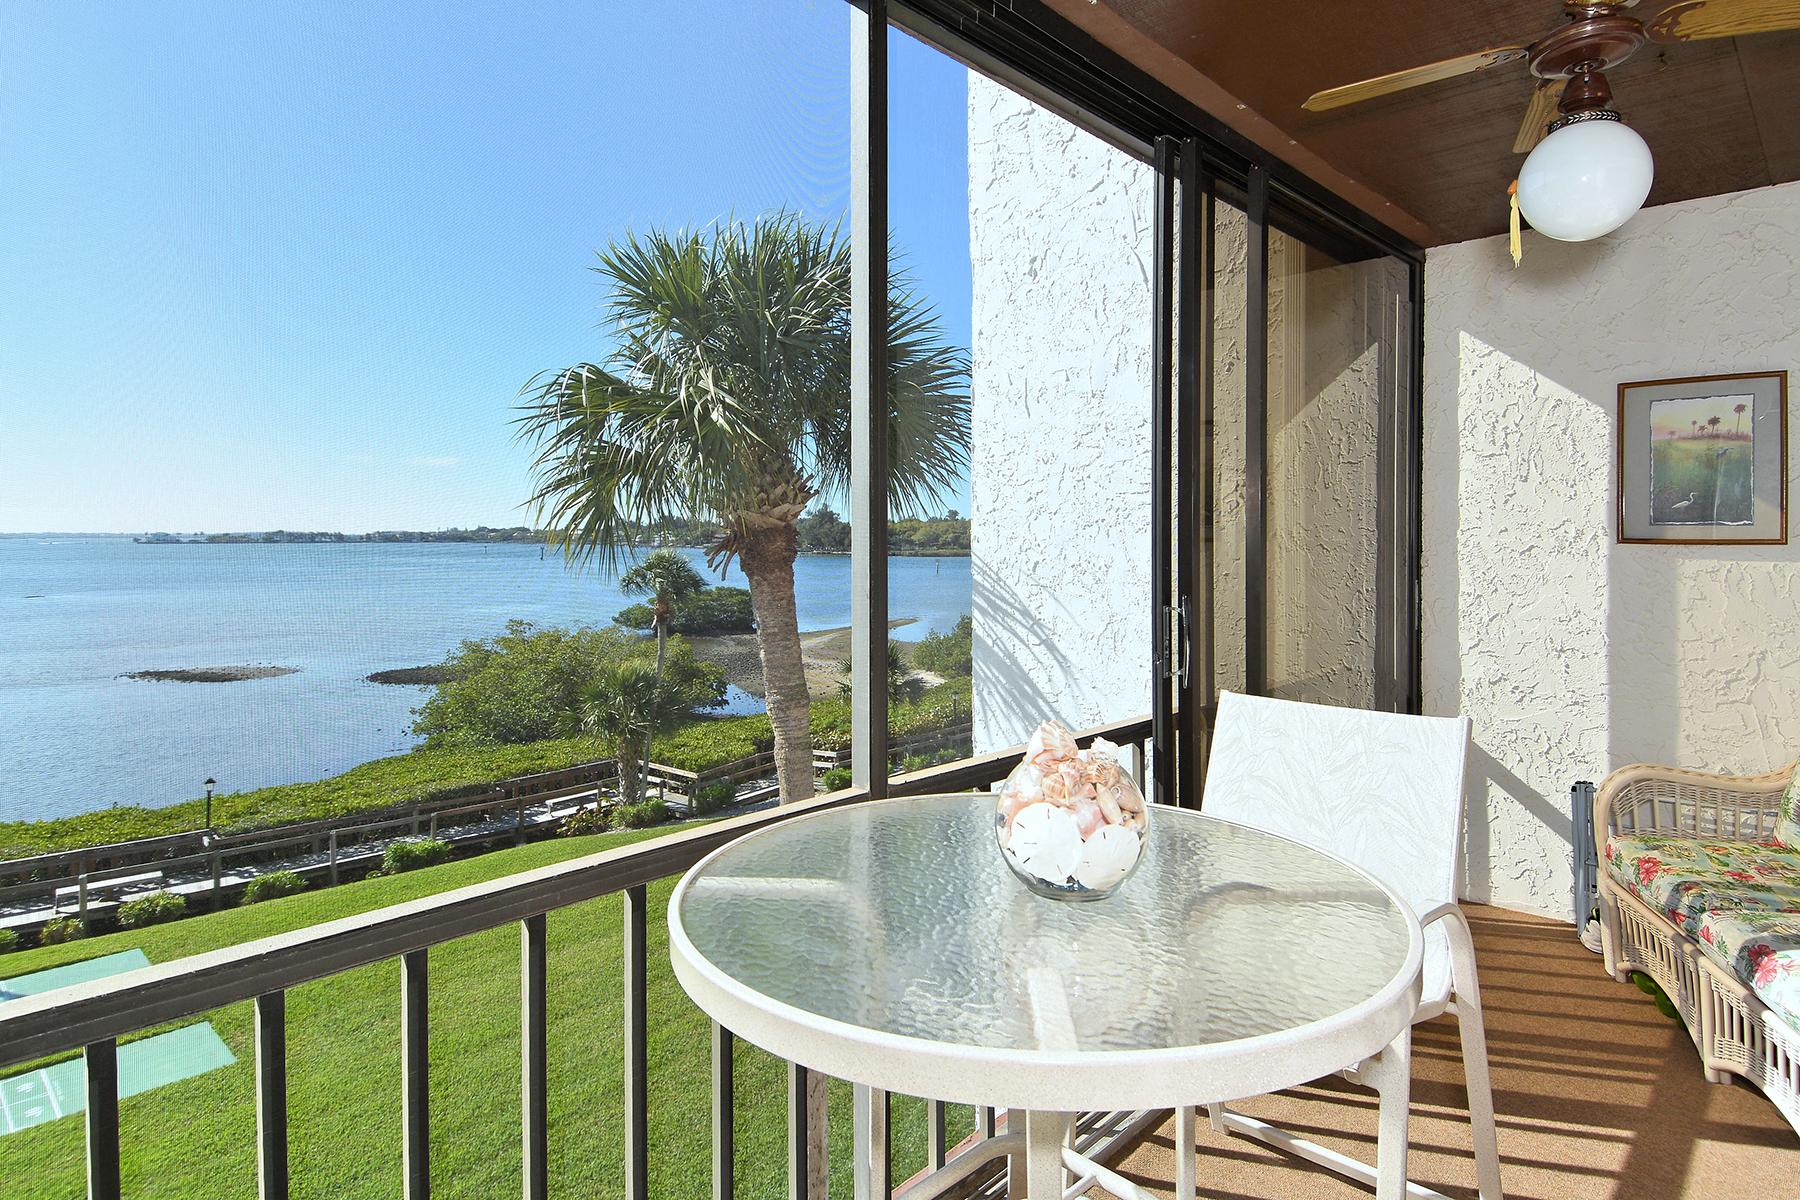 Eigentumswohnung für Verkauf beim SARASOTA 1608 Stickney Point Rd 8-307 Sarasota, Florida, 34231 Vereinigte Staaten